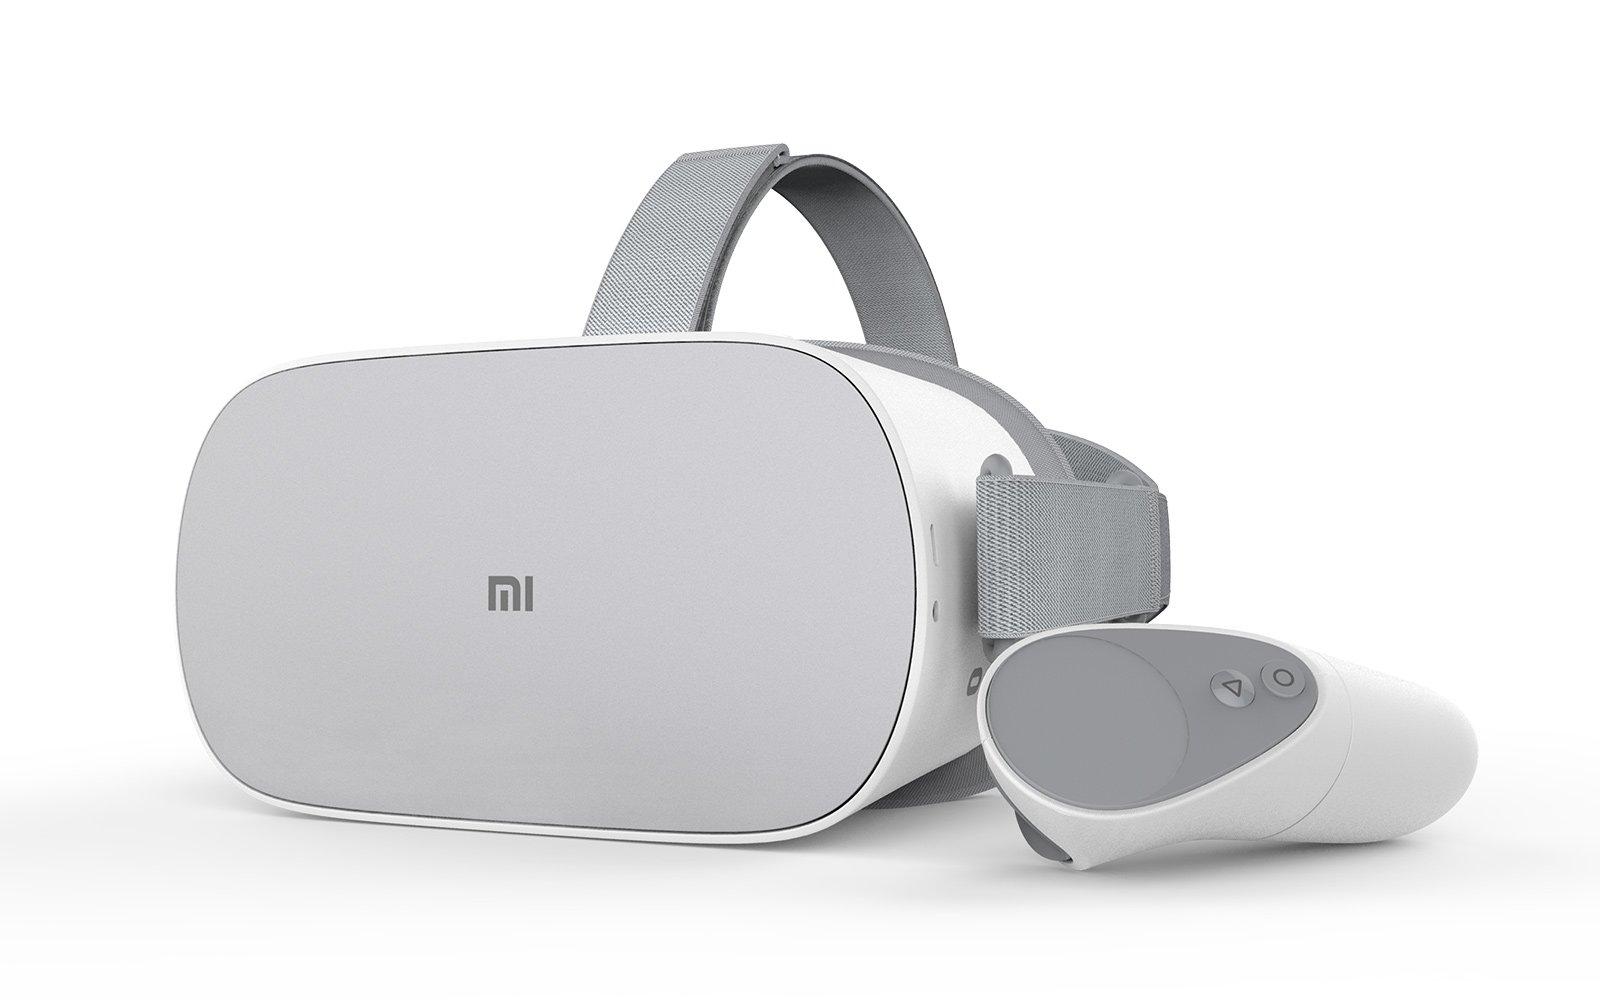 Współpraca Oculusa z Xiaomi jest ciekawsza niż jej spodziewany efekt: przenośny zestaw VR 20